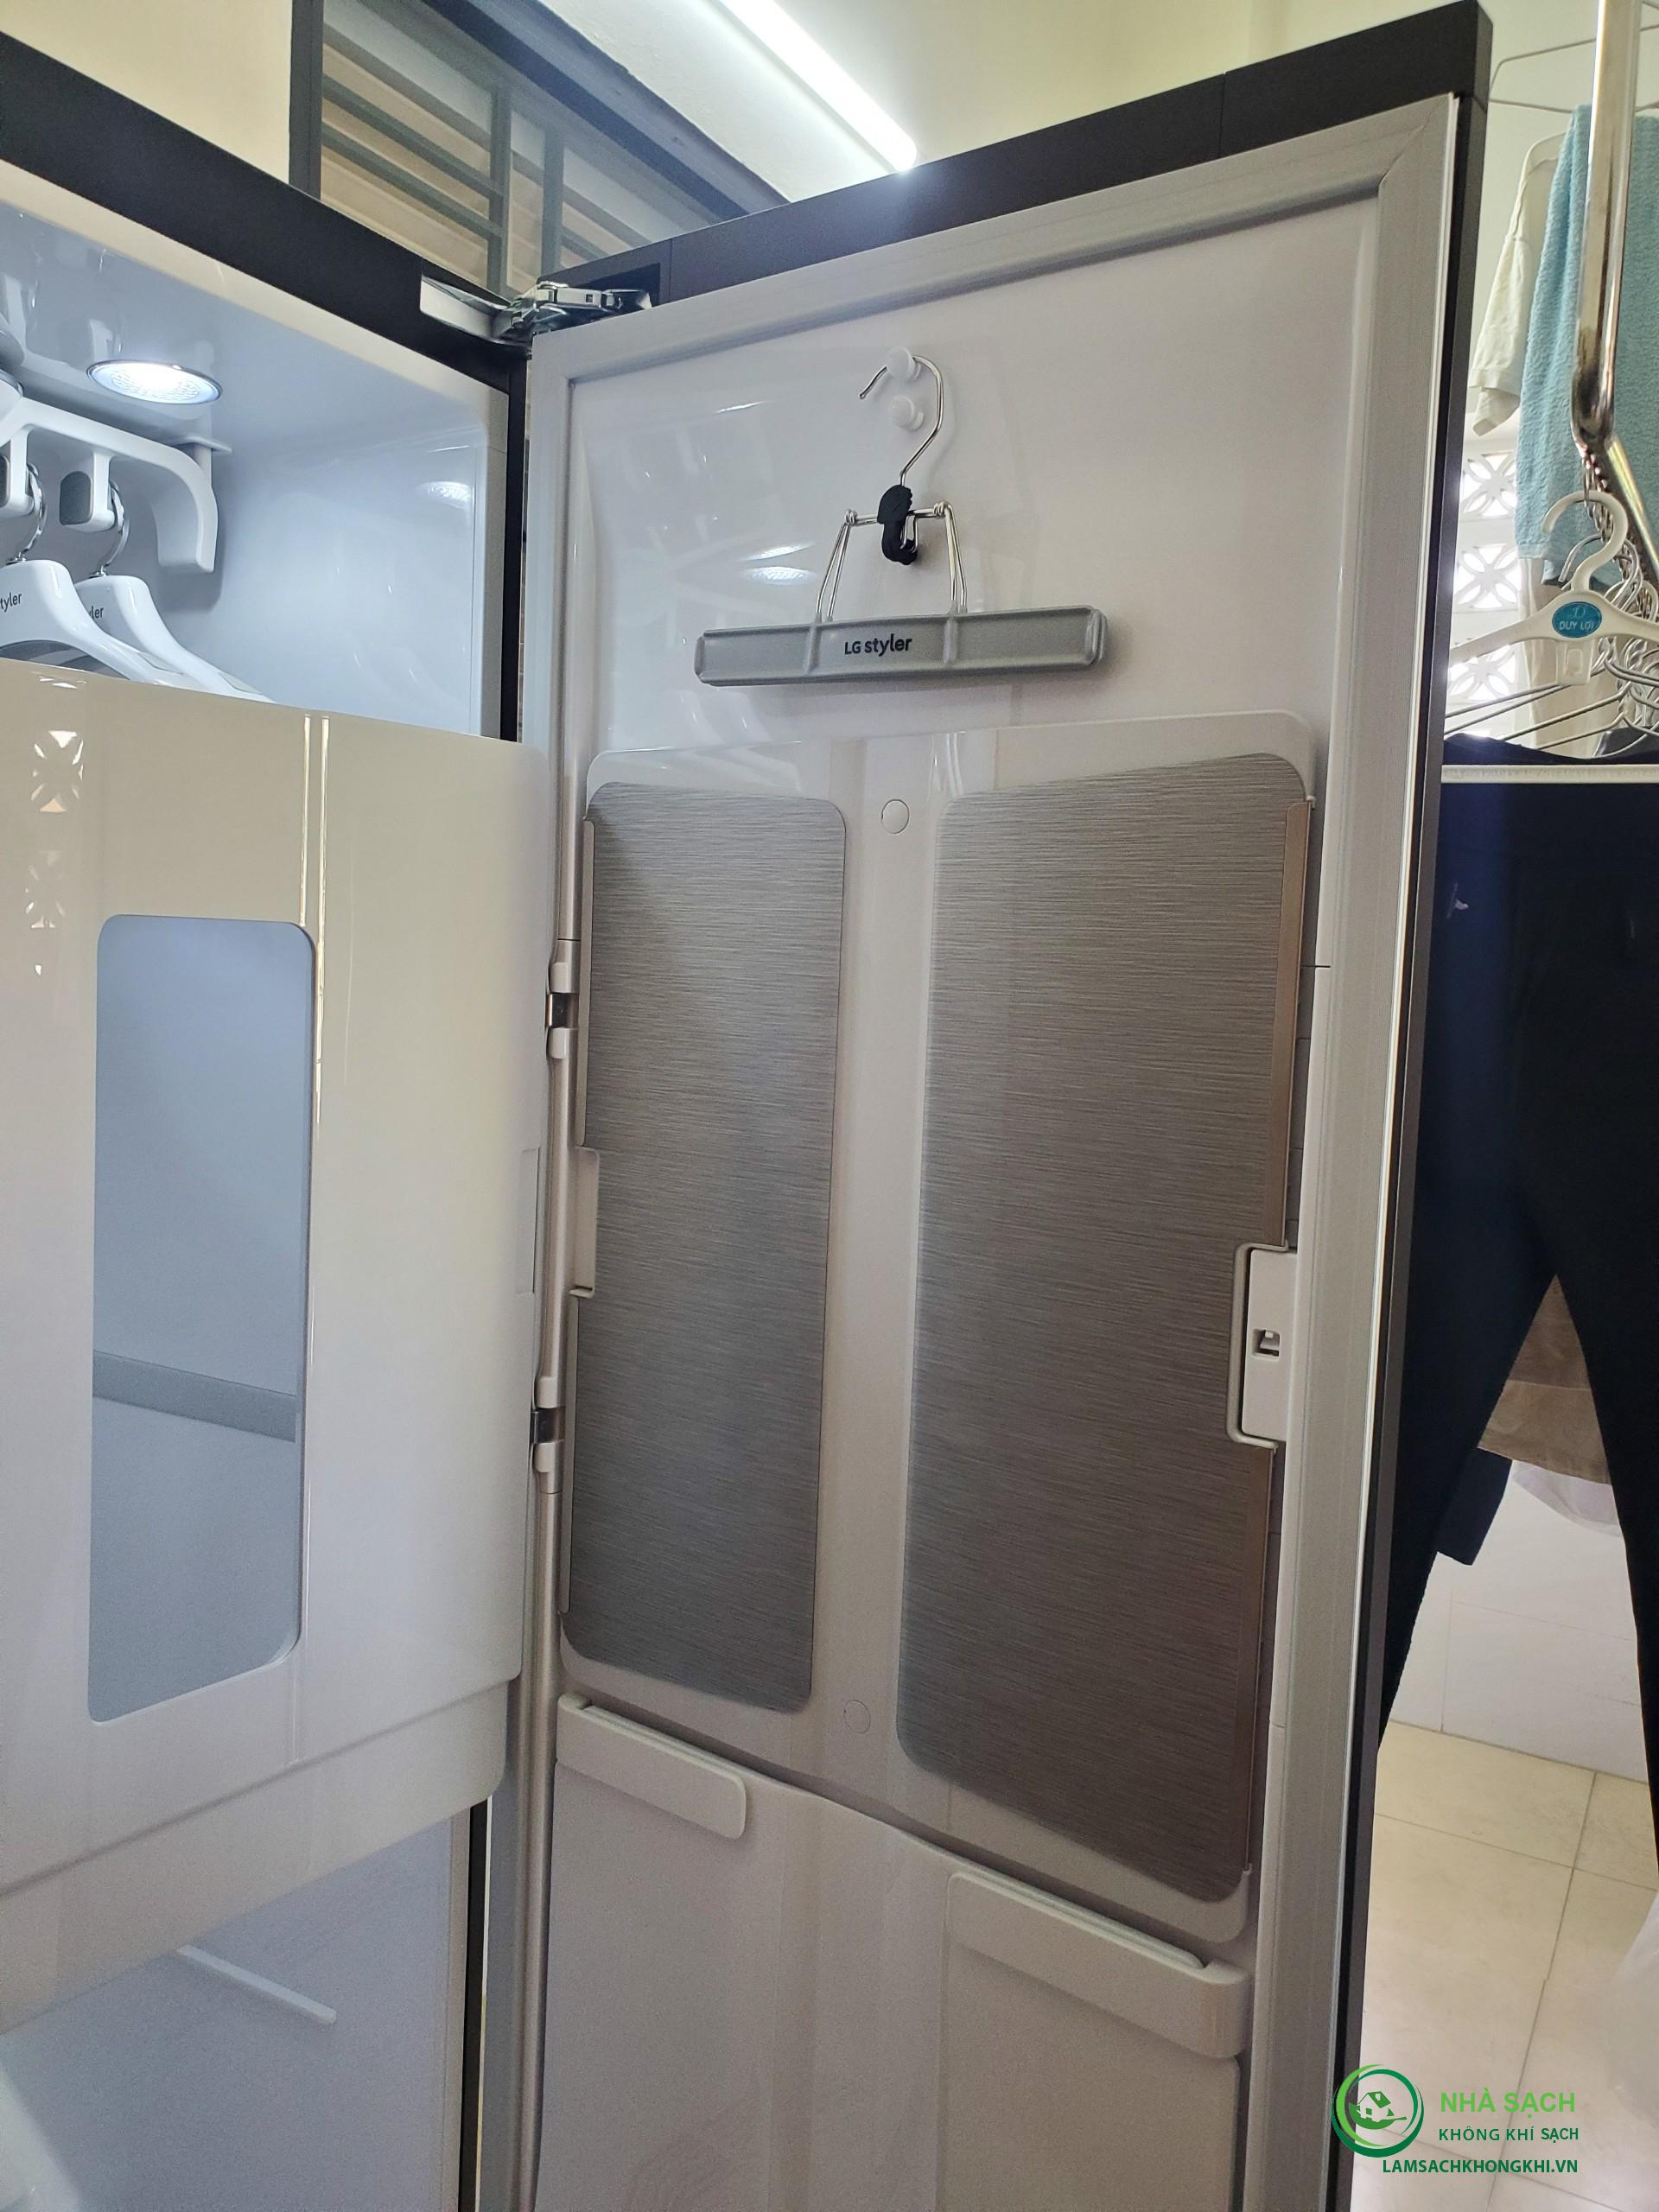 Đánh giá chức năng quản lý nếp nhăn trên máy giặt hấp sấy LG Styler